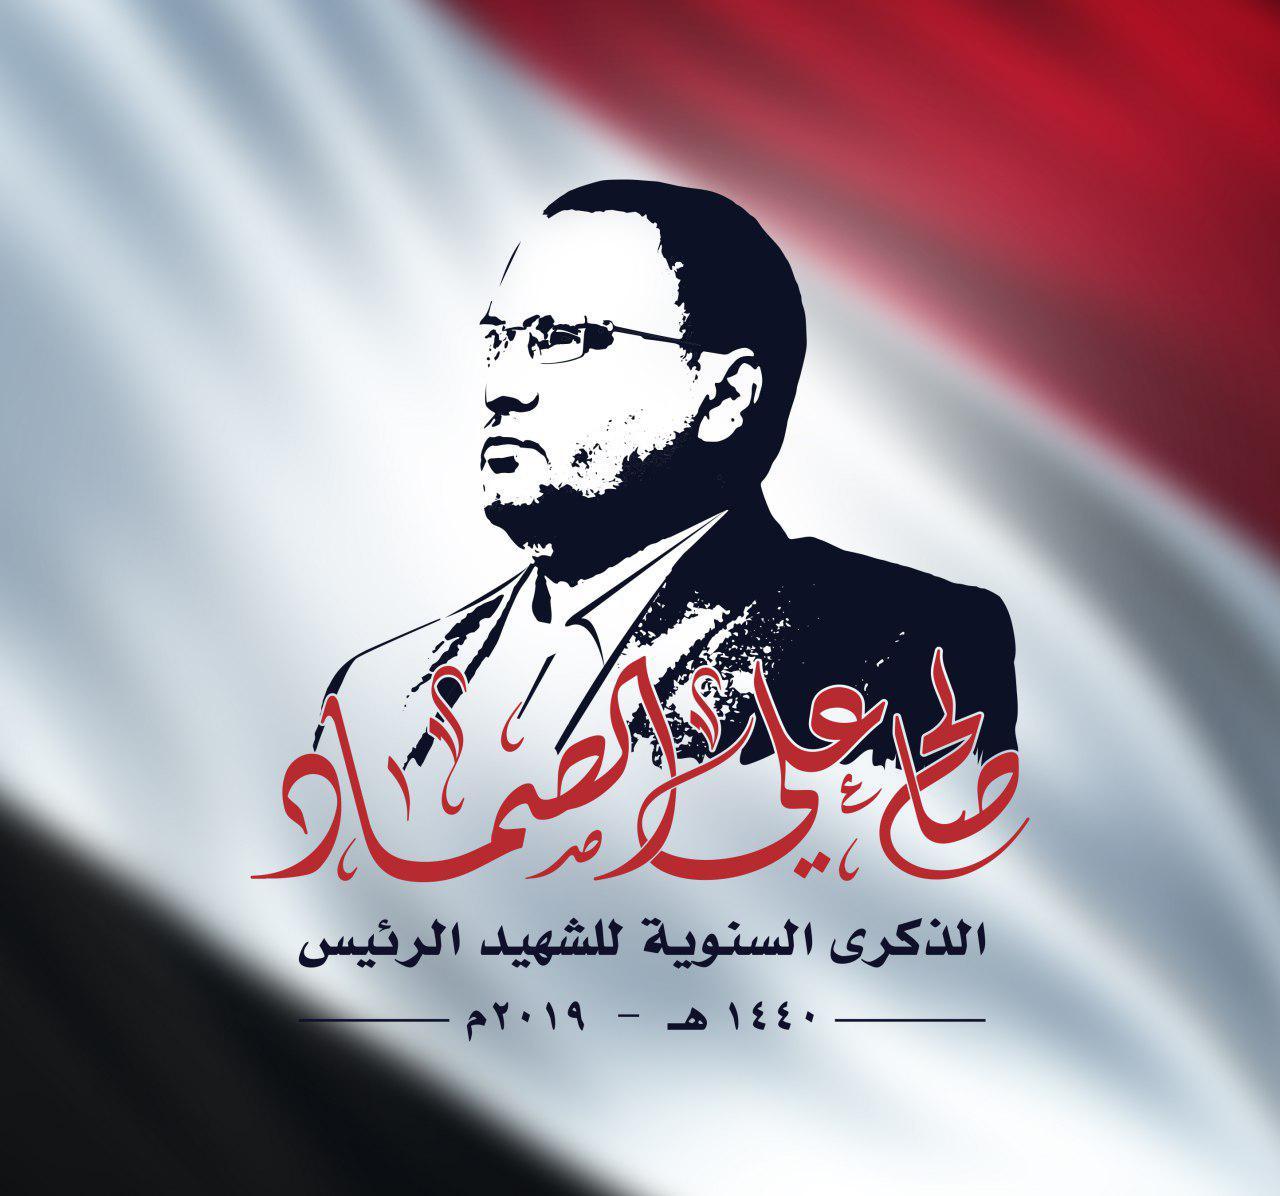 ذكرى استشهاد الرئيس الصماد رضوان الله عليه